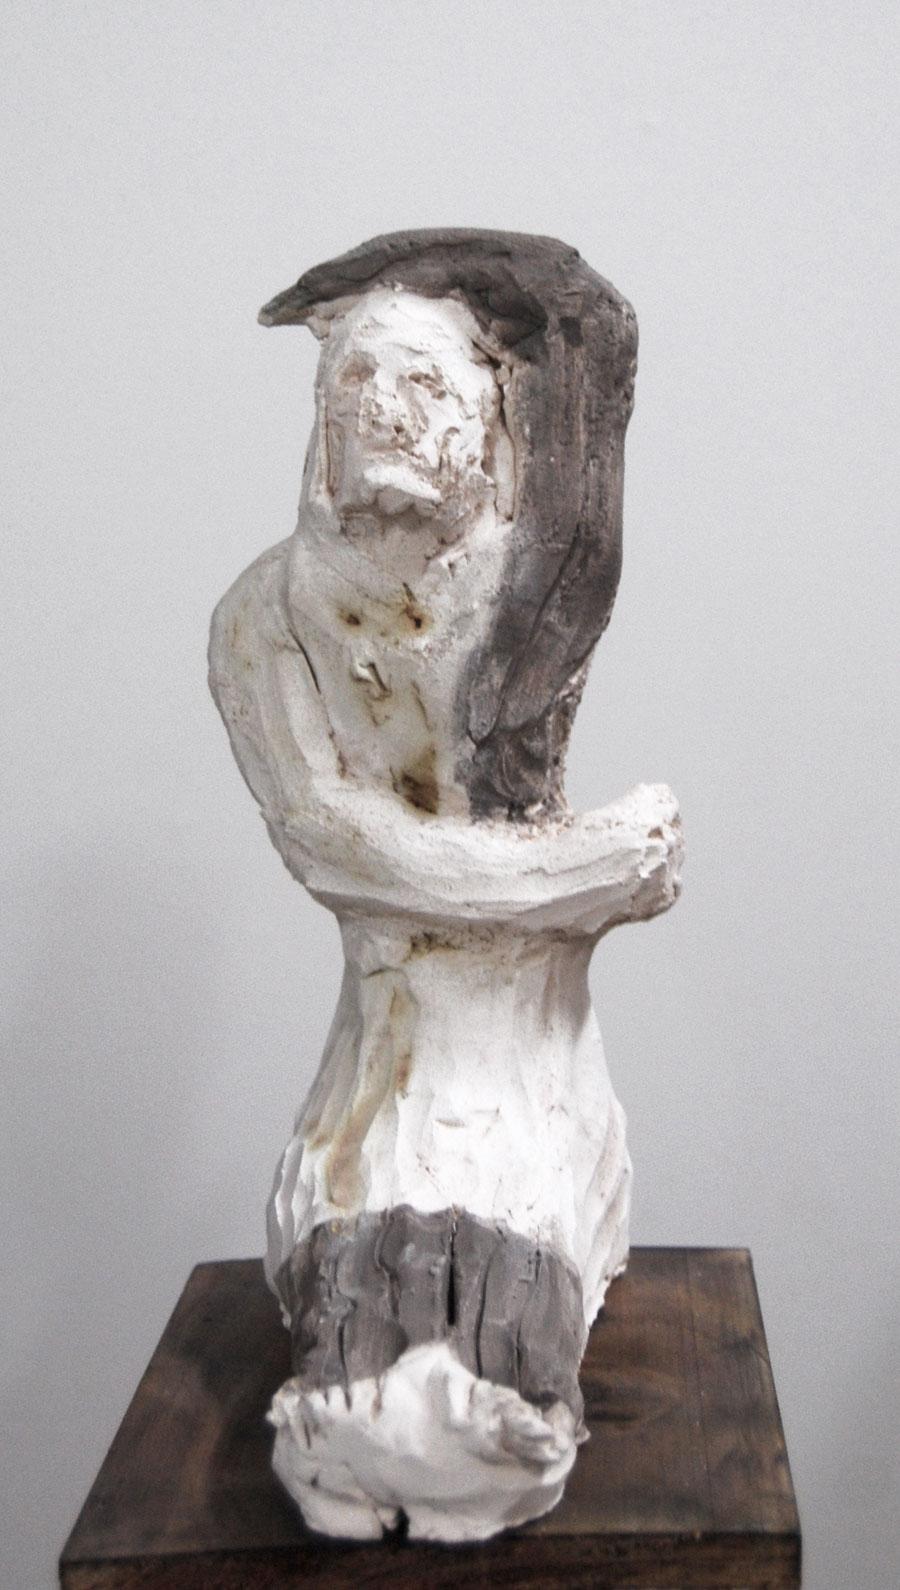 Justin Williams, Untitled , 2014, stoneware ceramic, 25 x 22 x 10cm